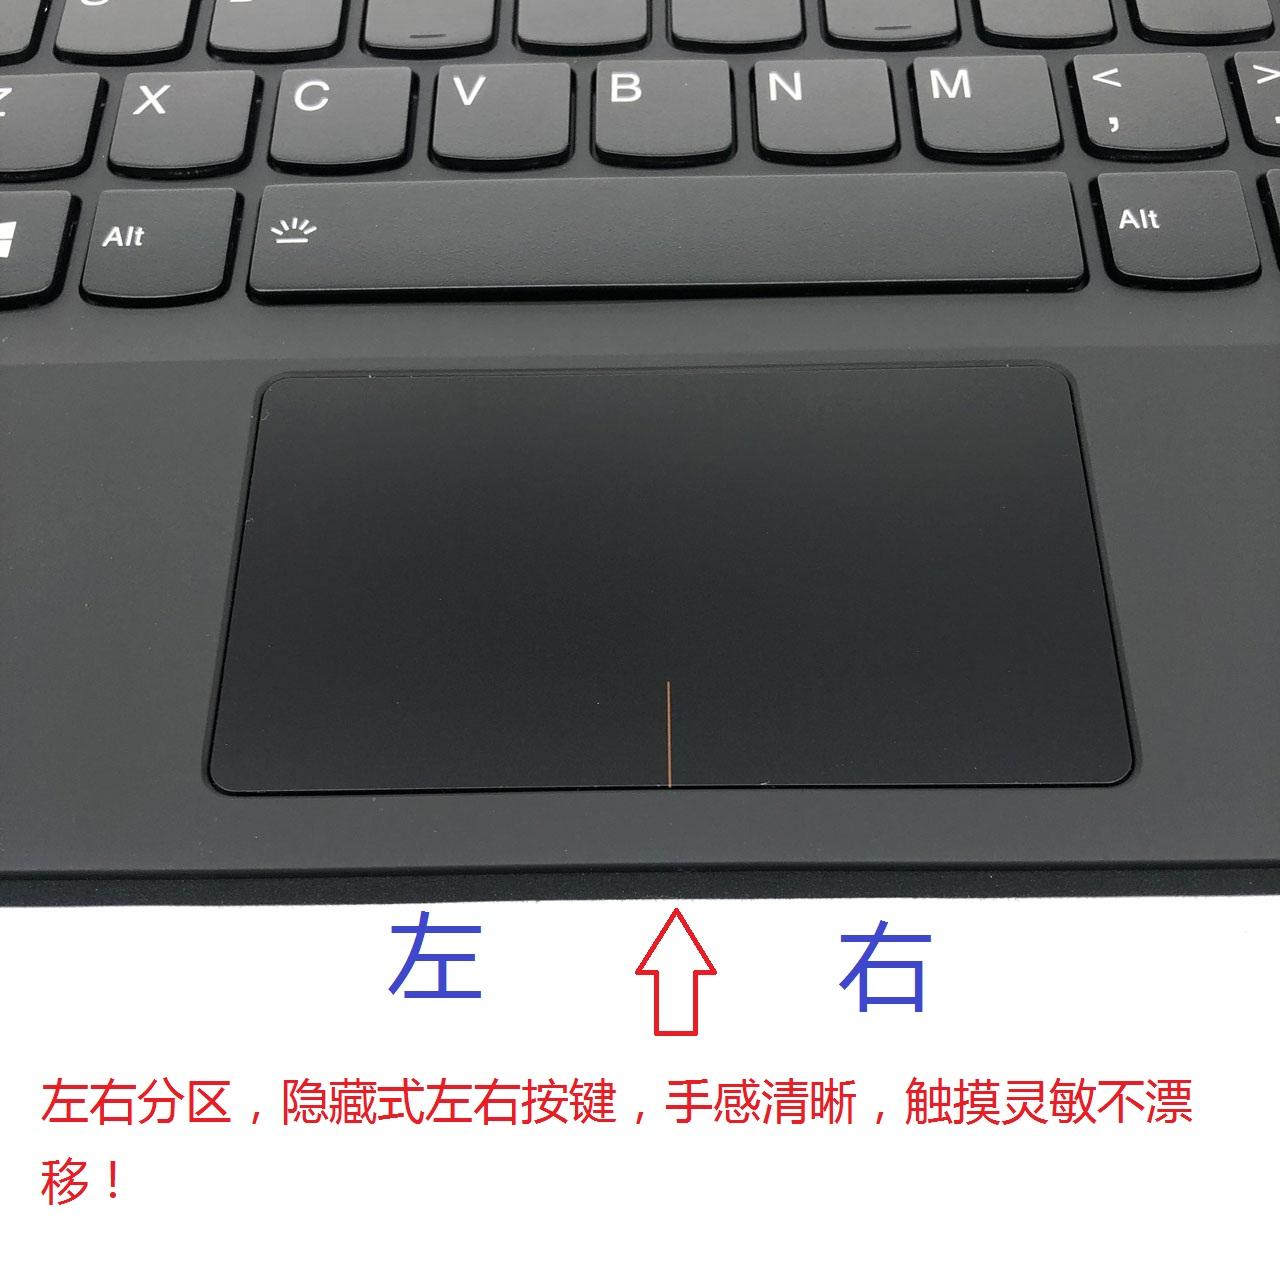 全新 联想 Lenovo MIIX510-12IKB MIIX520-12 MIIX5 磁吸底座键盘